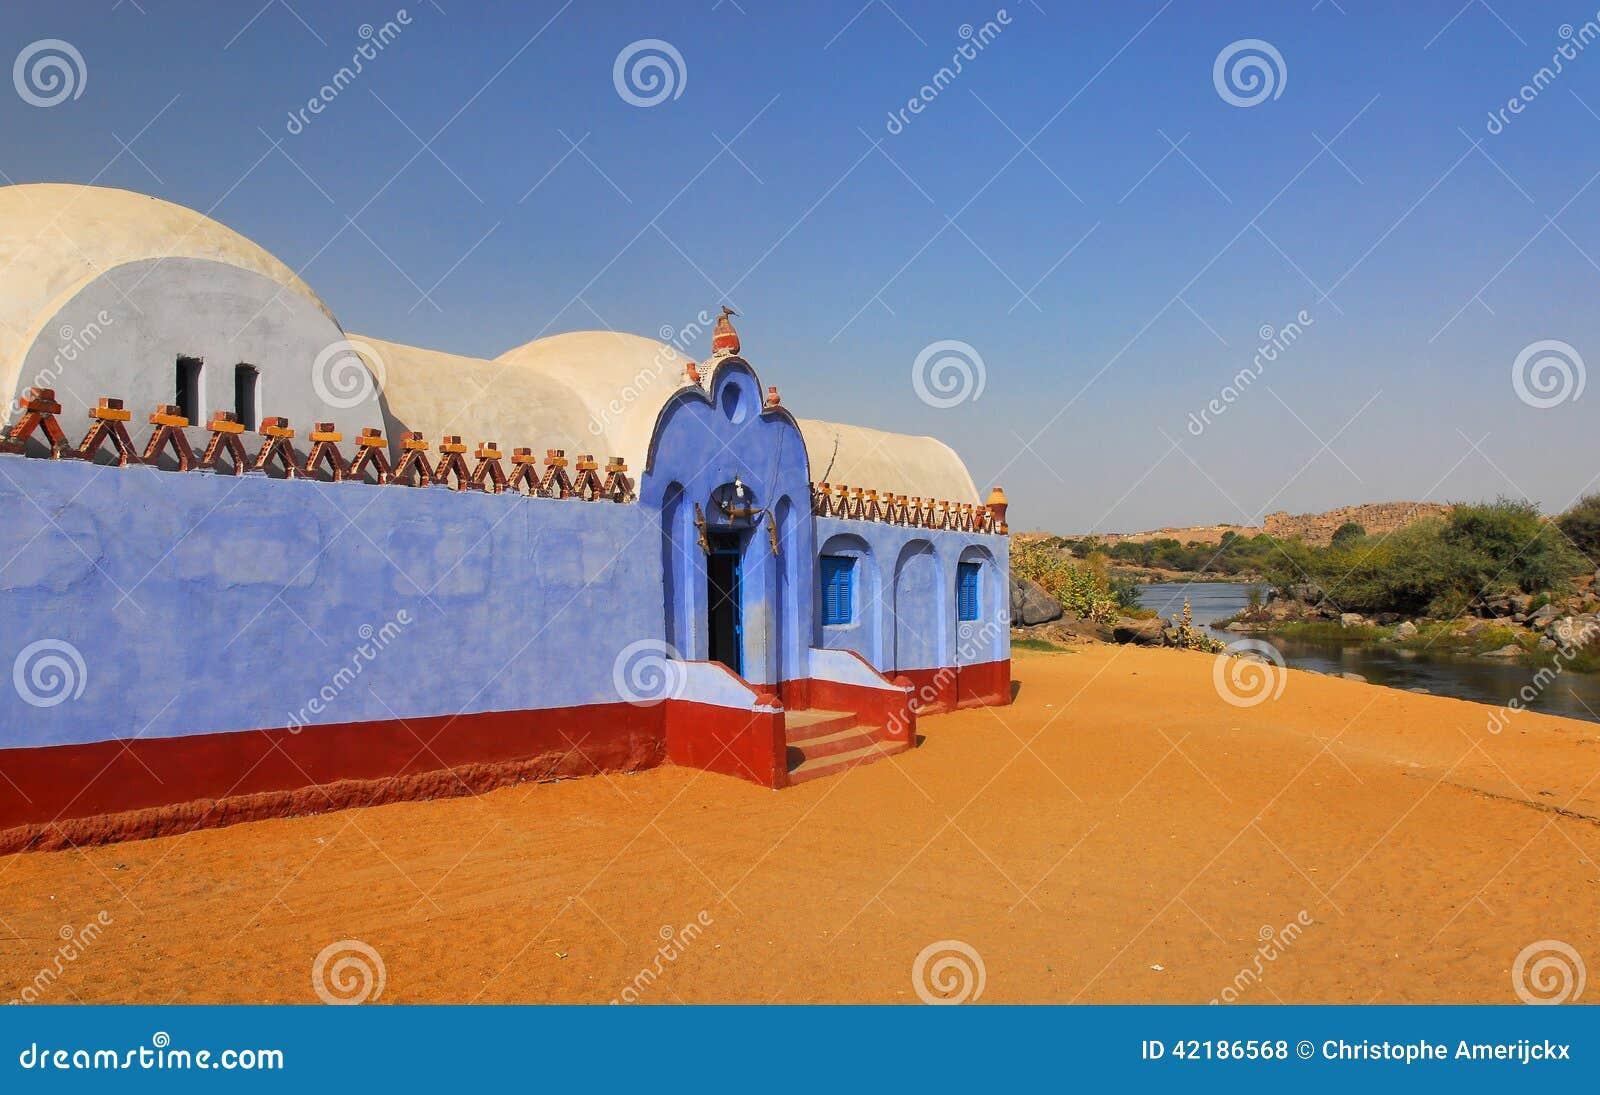 Maison de l Egypte nubian